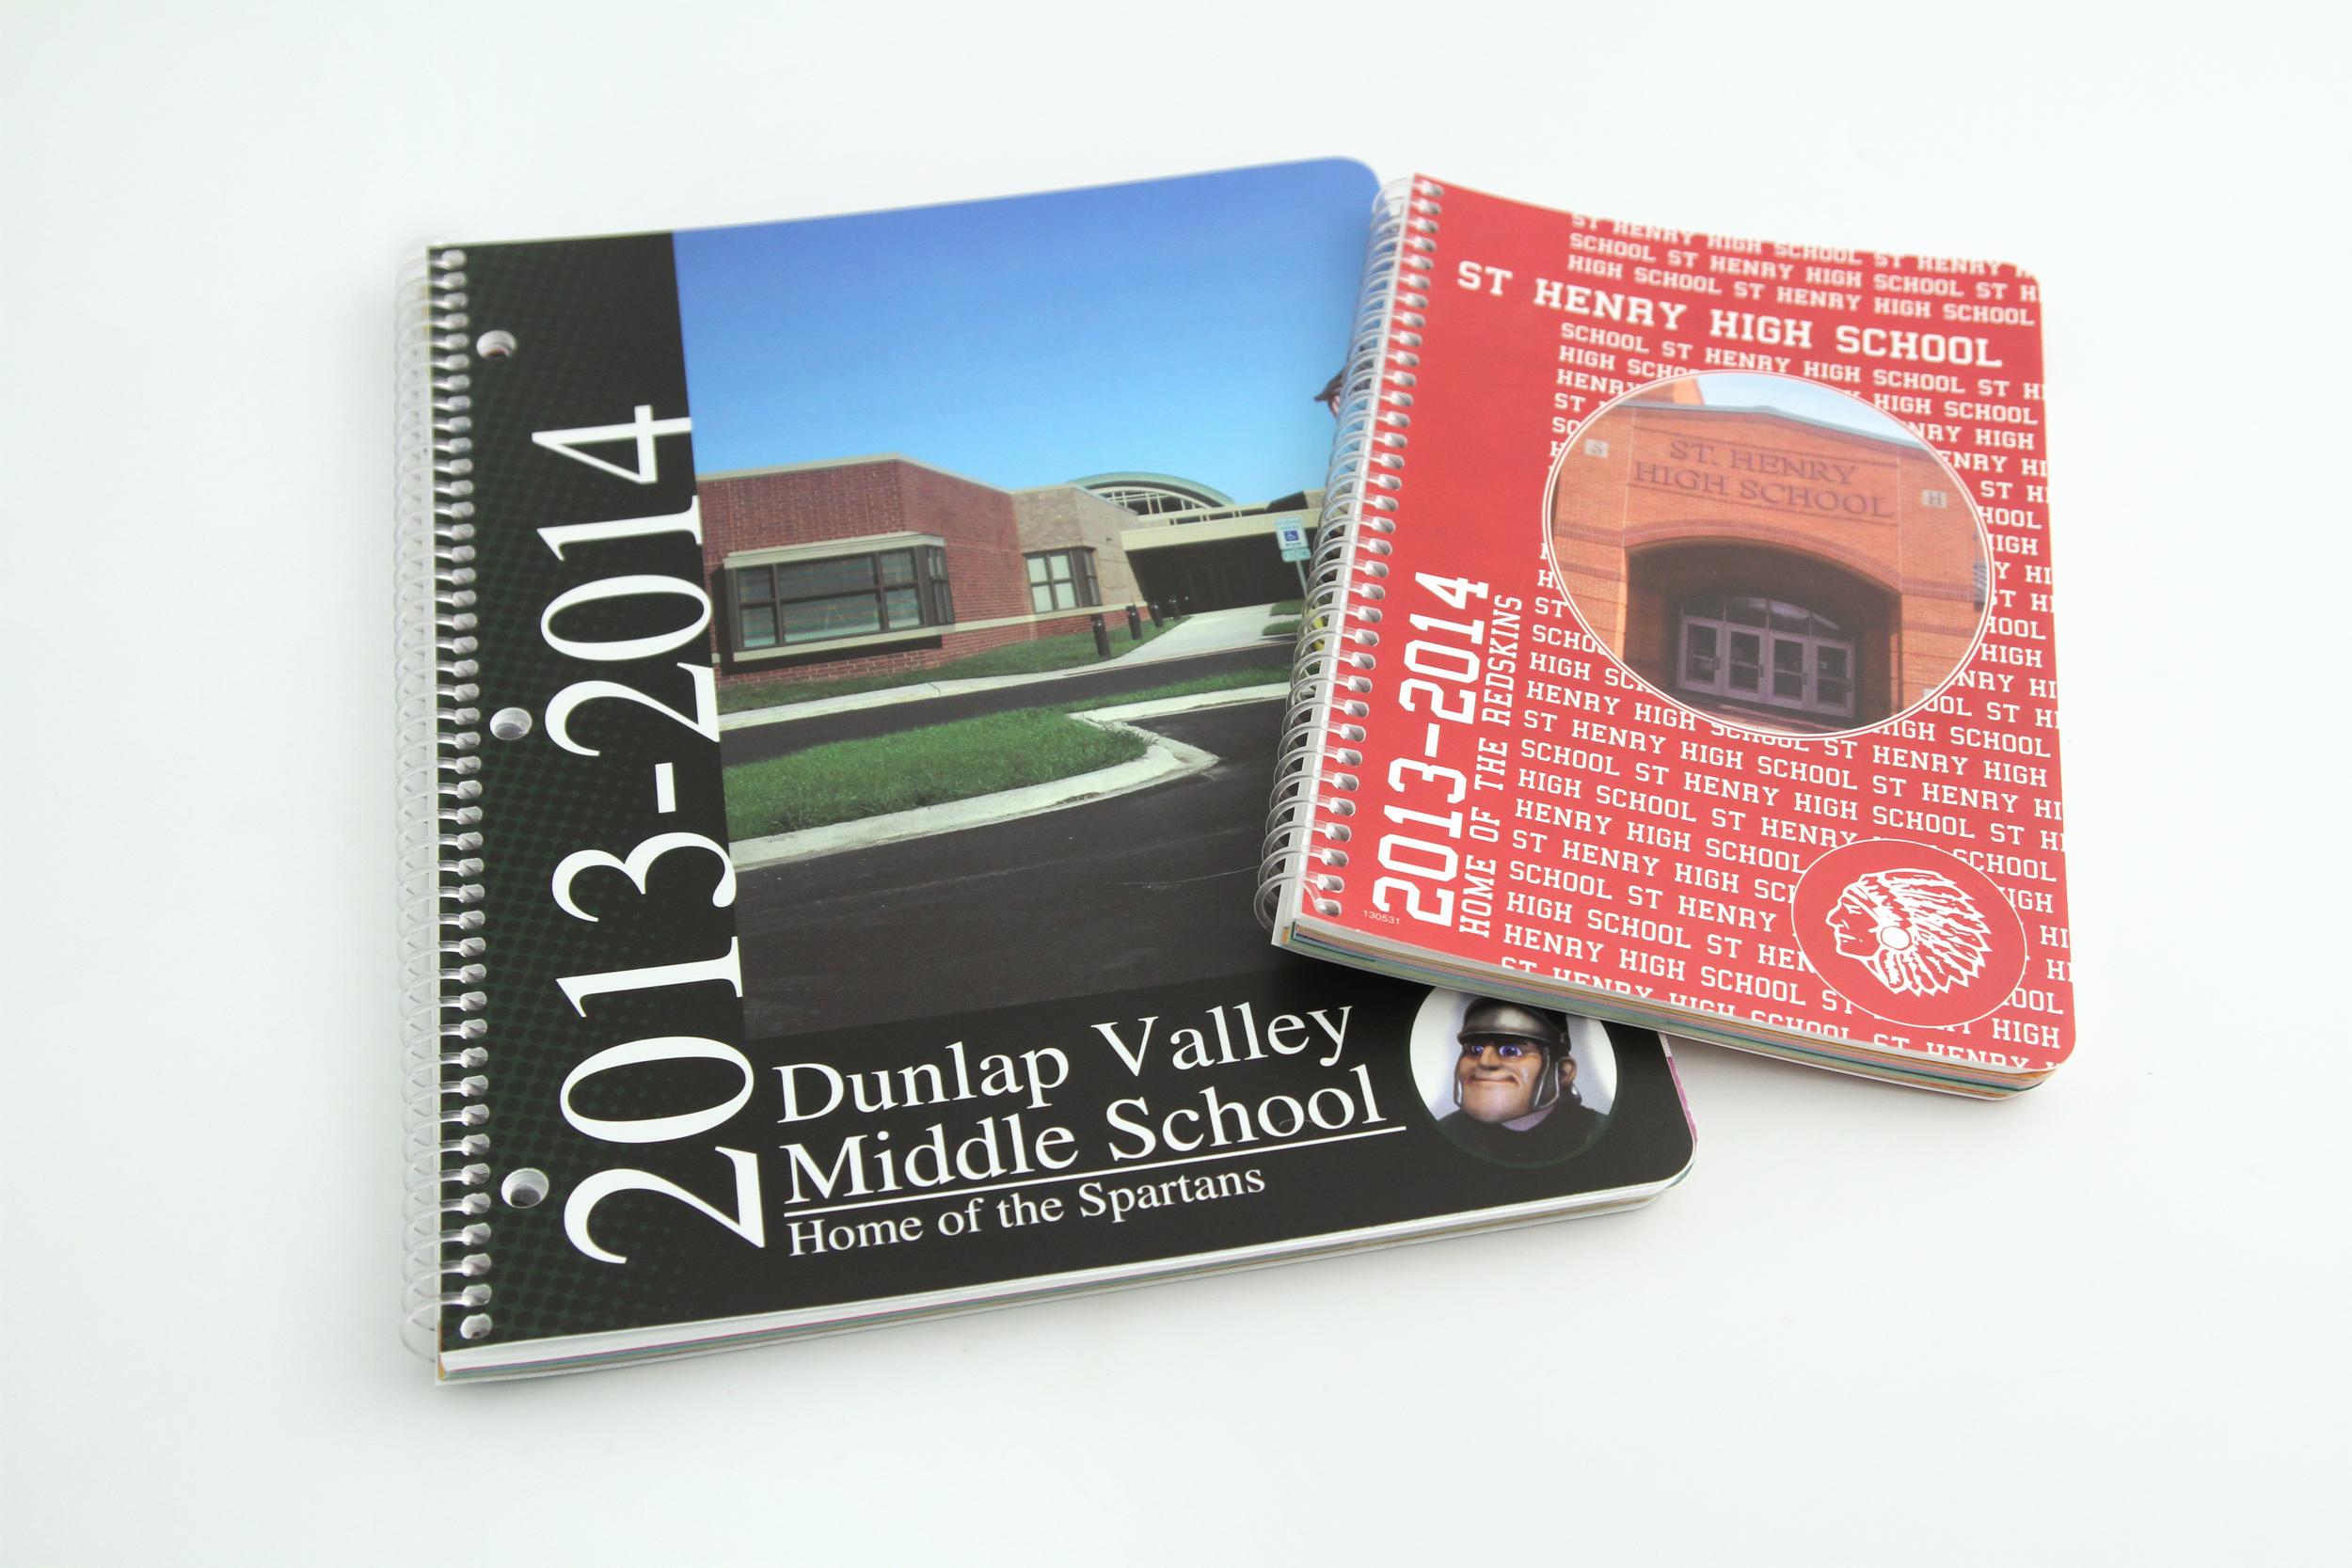 School Planner Covers - Digitally Printed